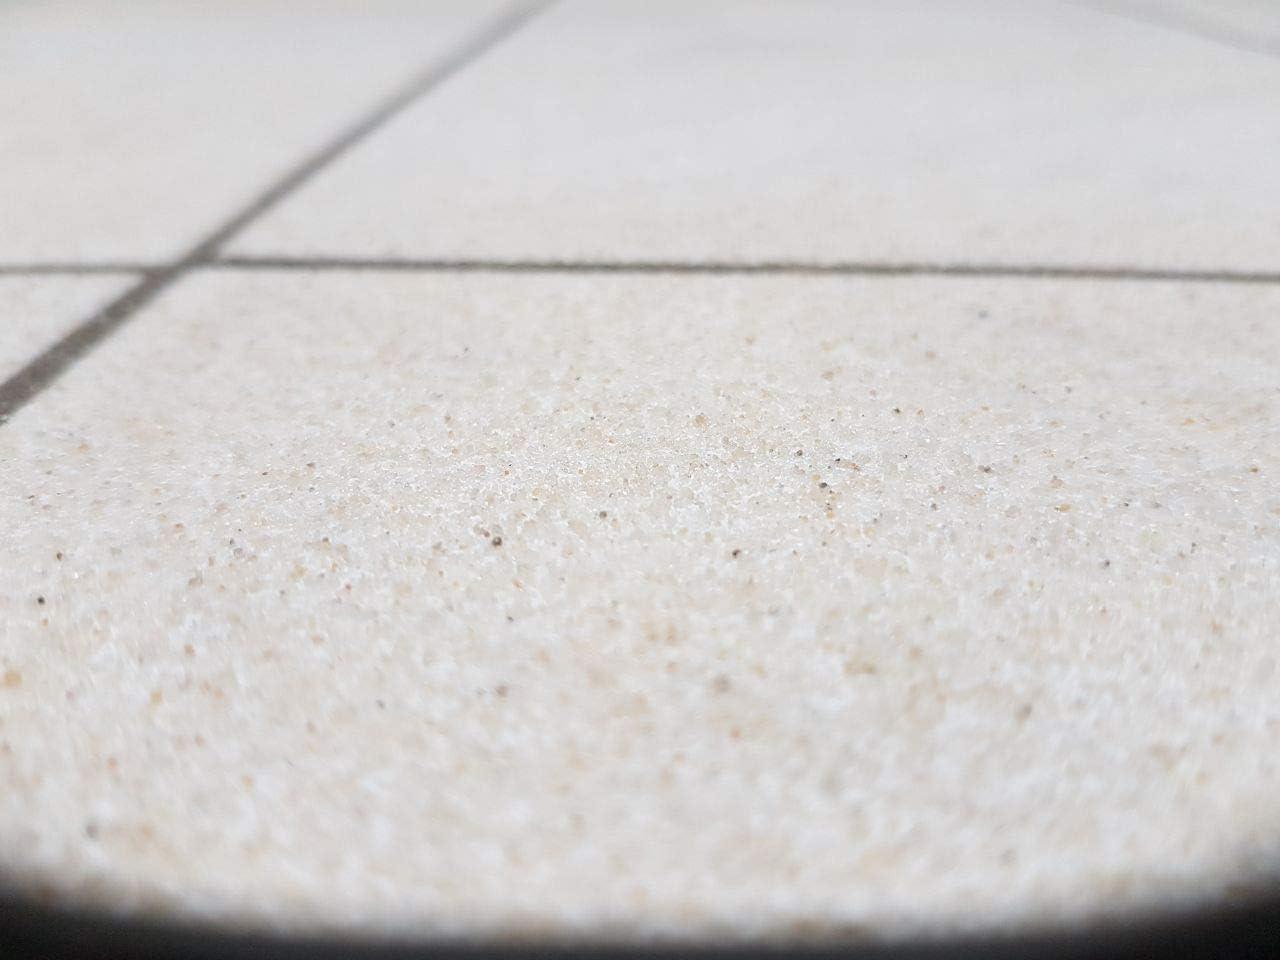 Ingbertson Antirutsch Beschichtung Sand Antirutschbeschichtung f/ür Epoxidharzb/öden Quarzsand 5kg, Quarzsand